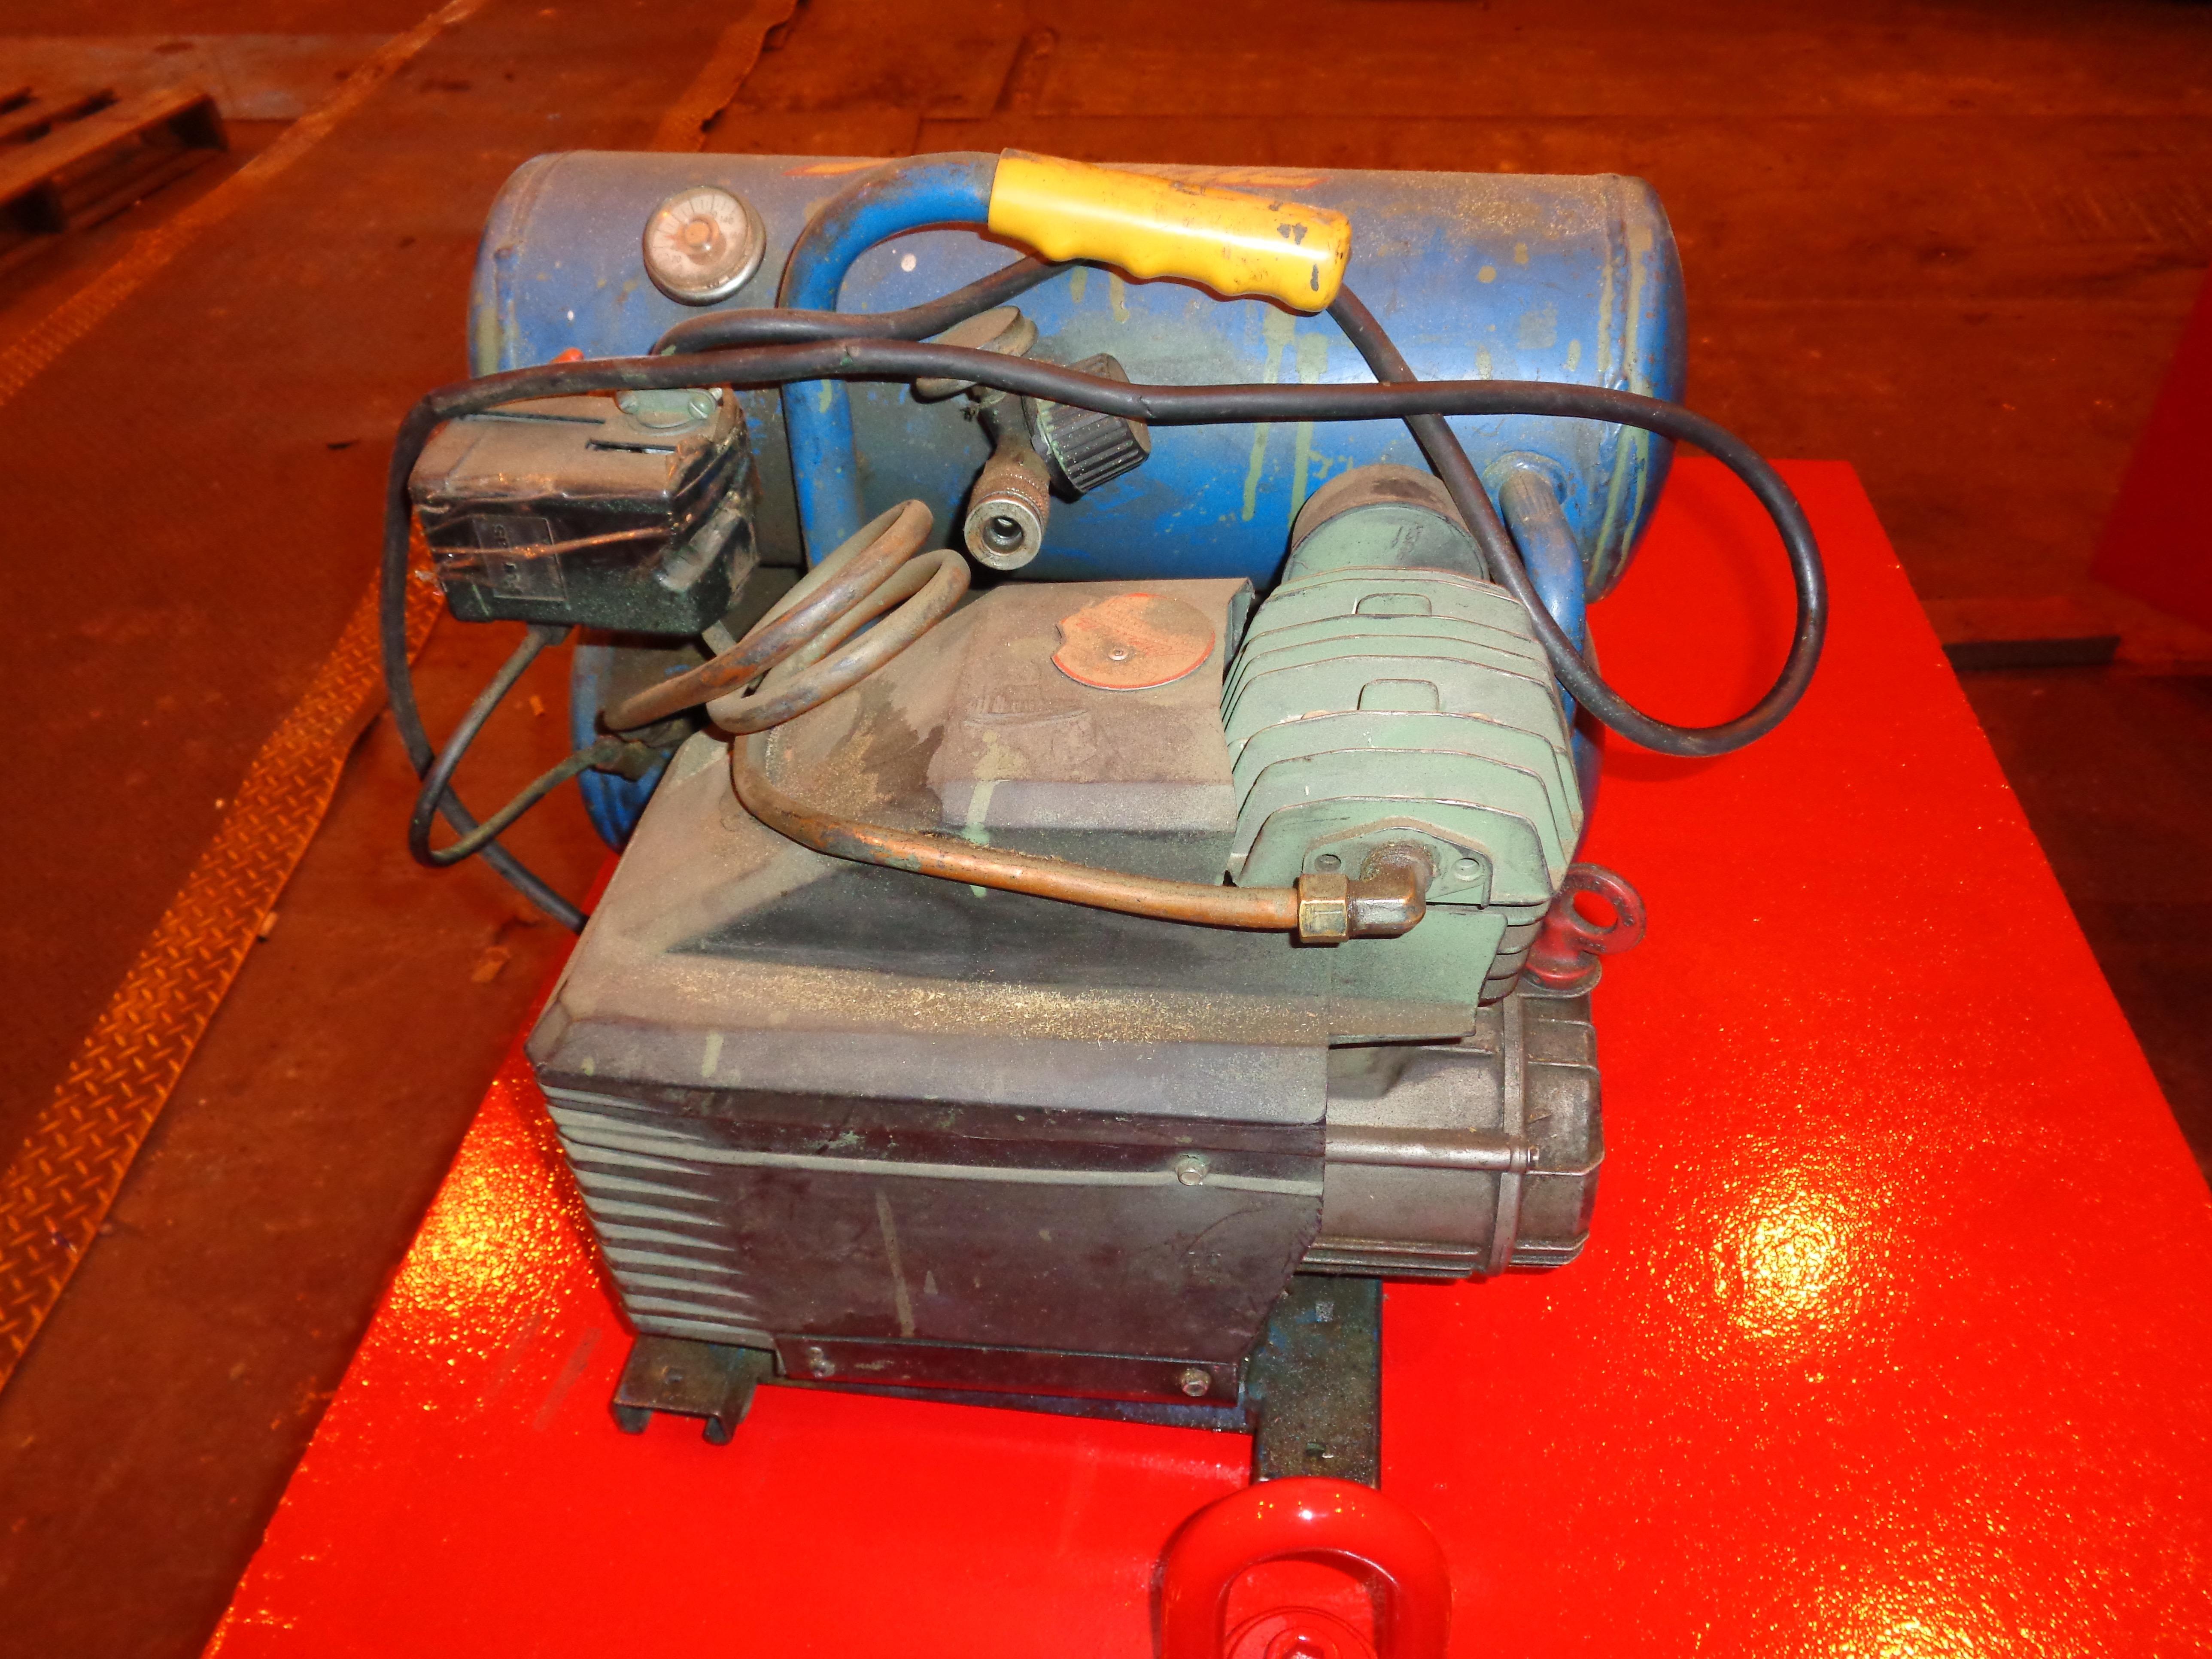 Lot 20 - 110 Volt Air Compressor